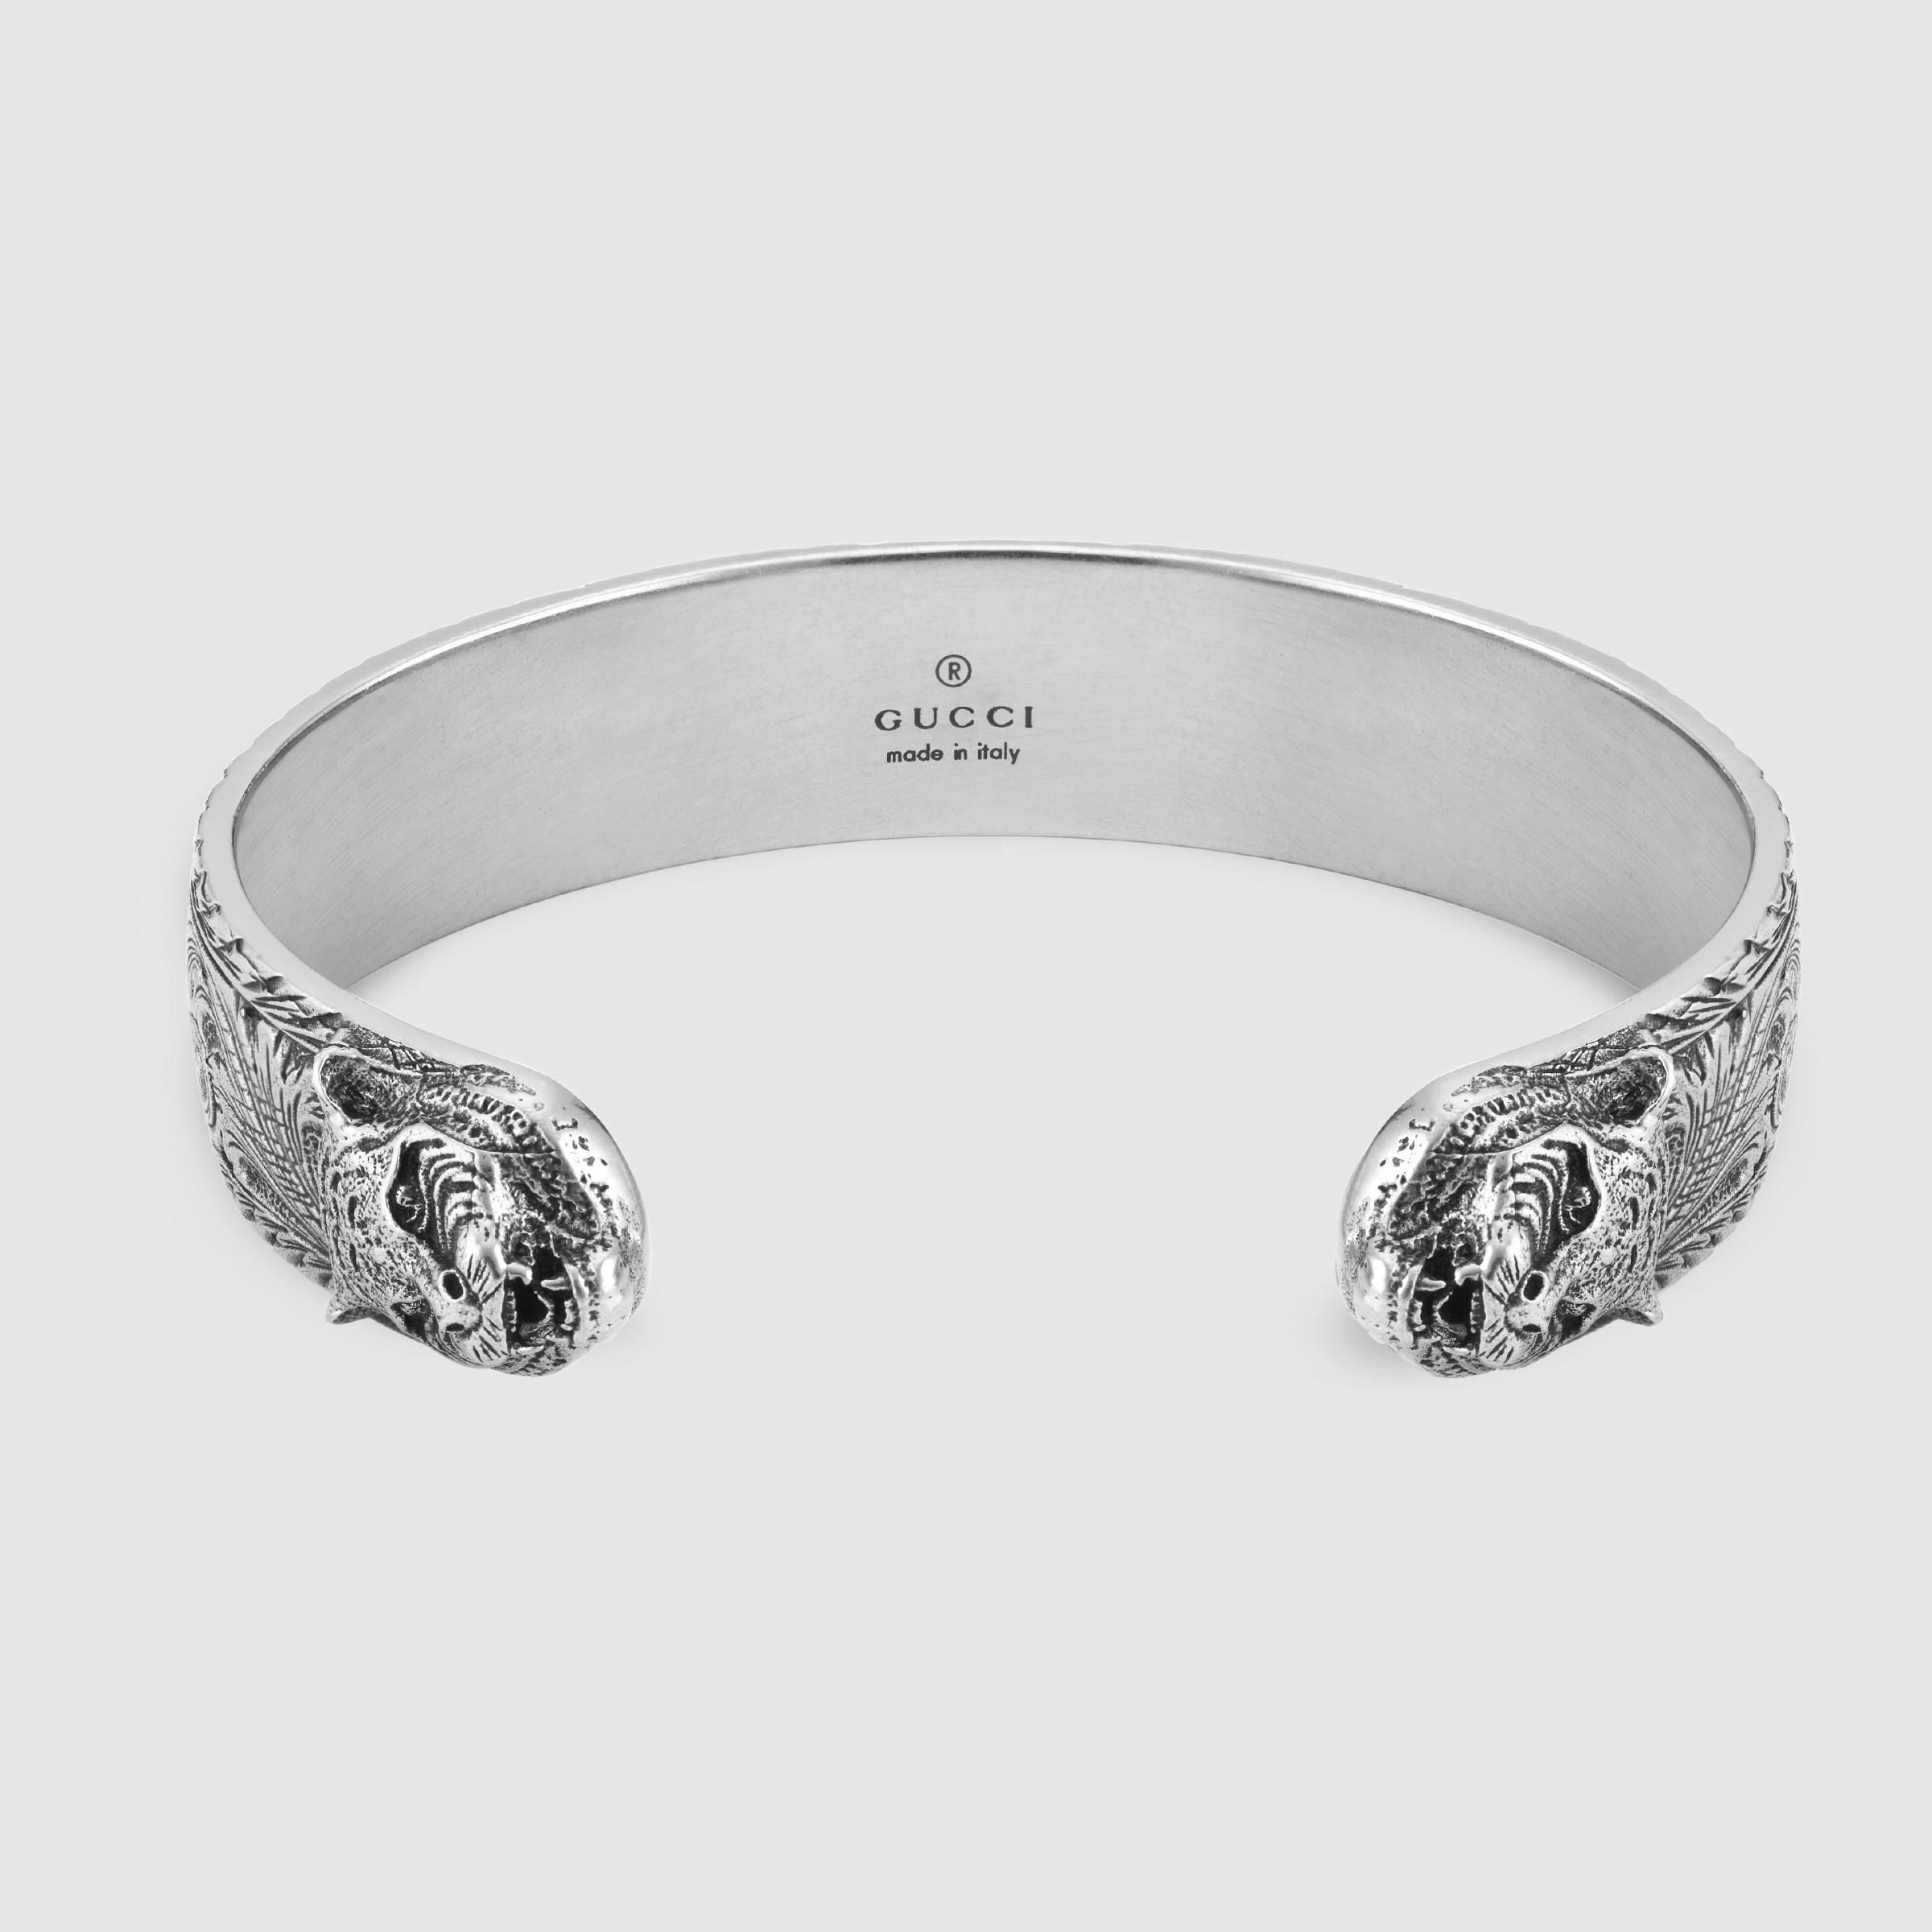 f0277d6d22a0 Lyst Gucci Bracelet In Silver With Feline Head In Metallic